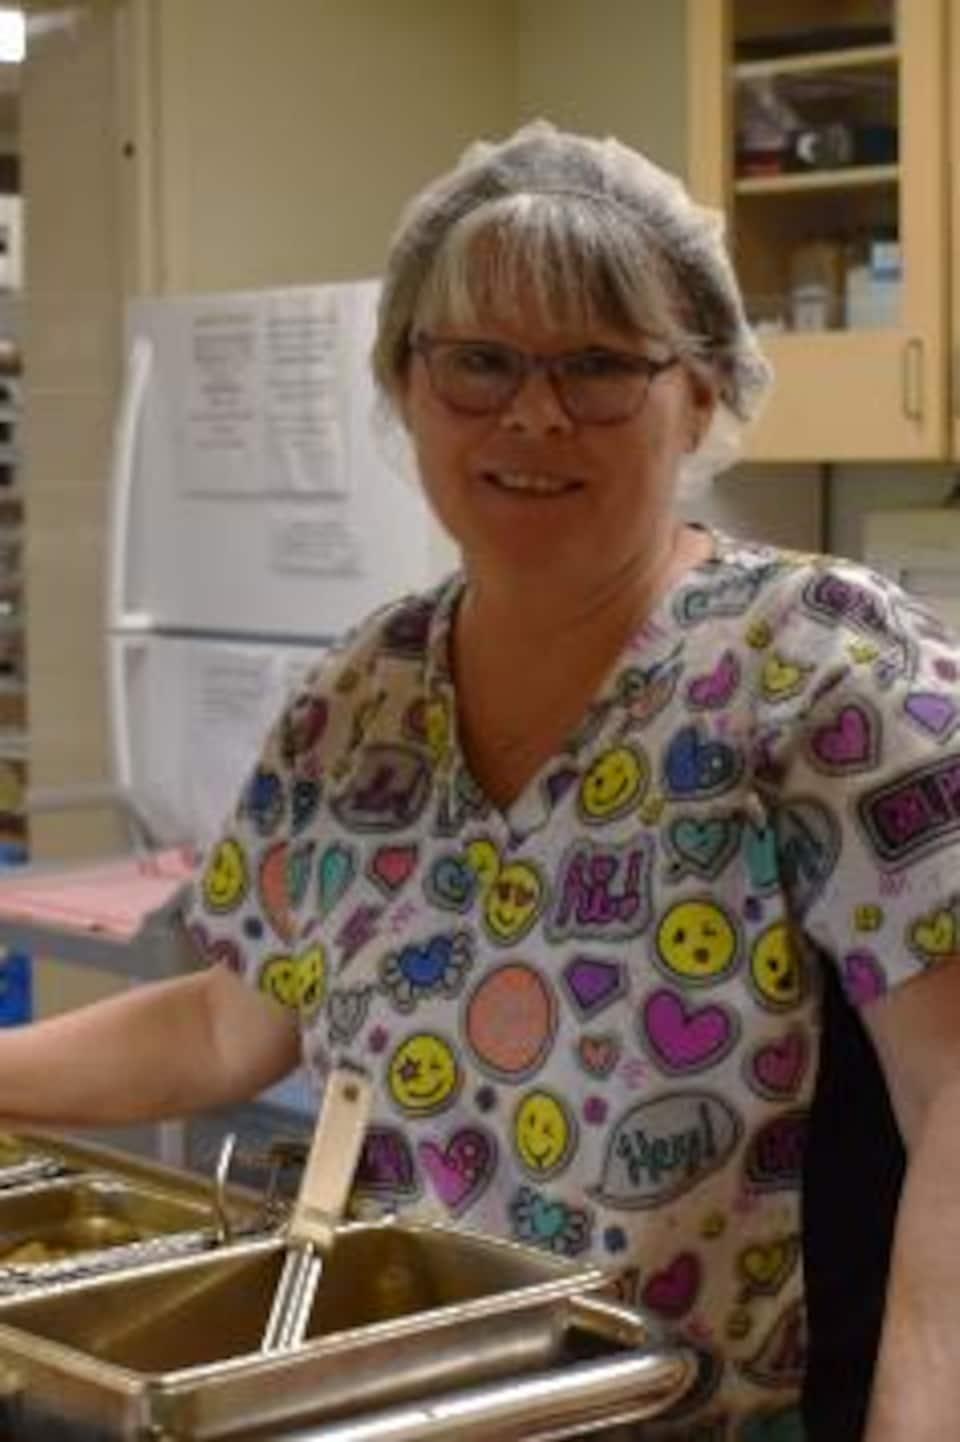 Dawn Madsen dans son milieu de travail, soit une cuisine de foyer de soins.